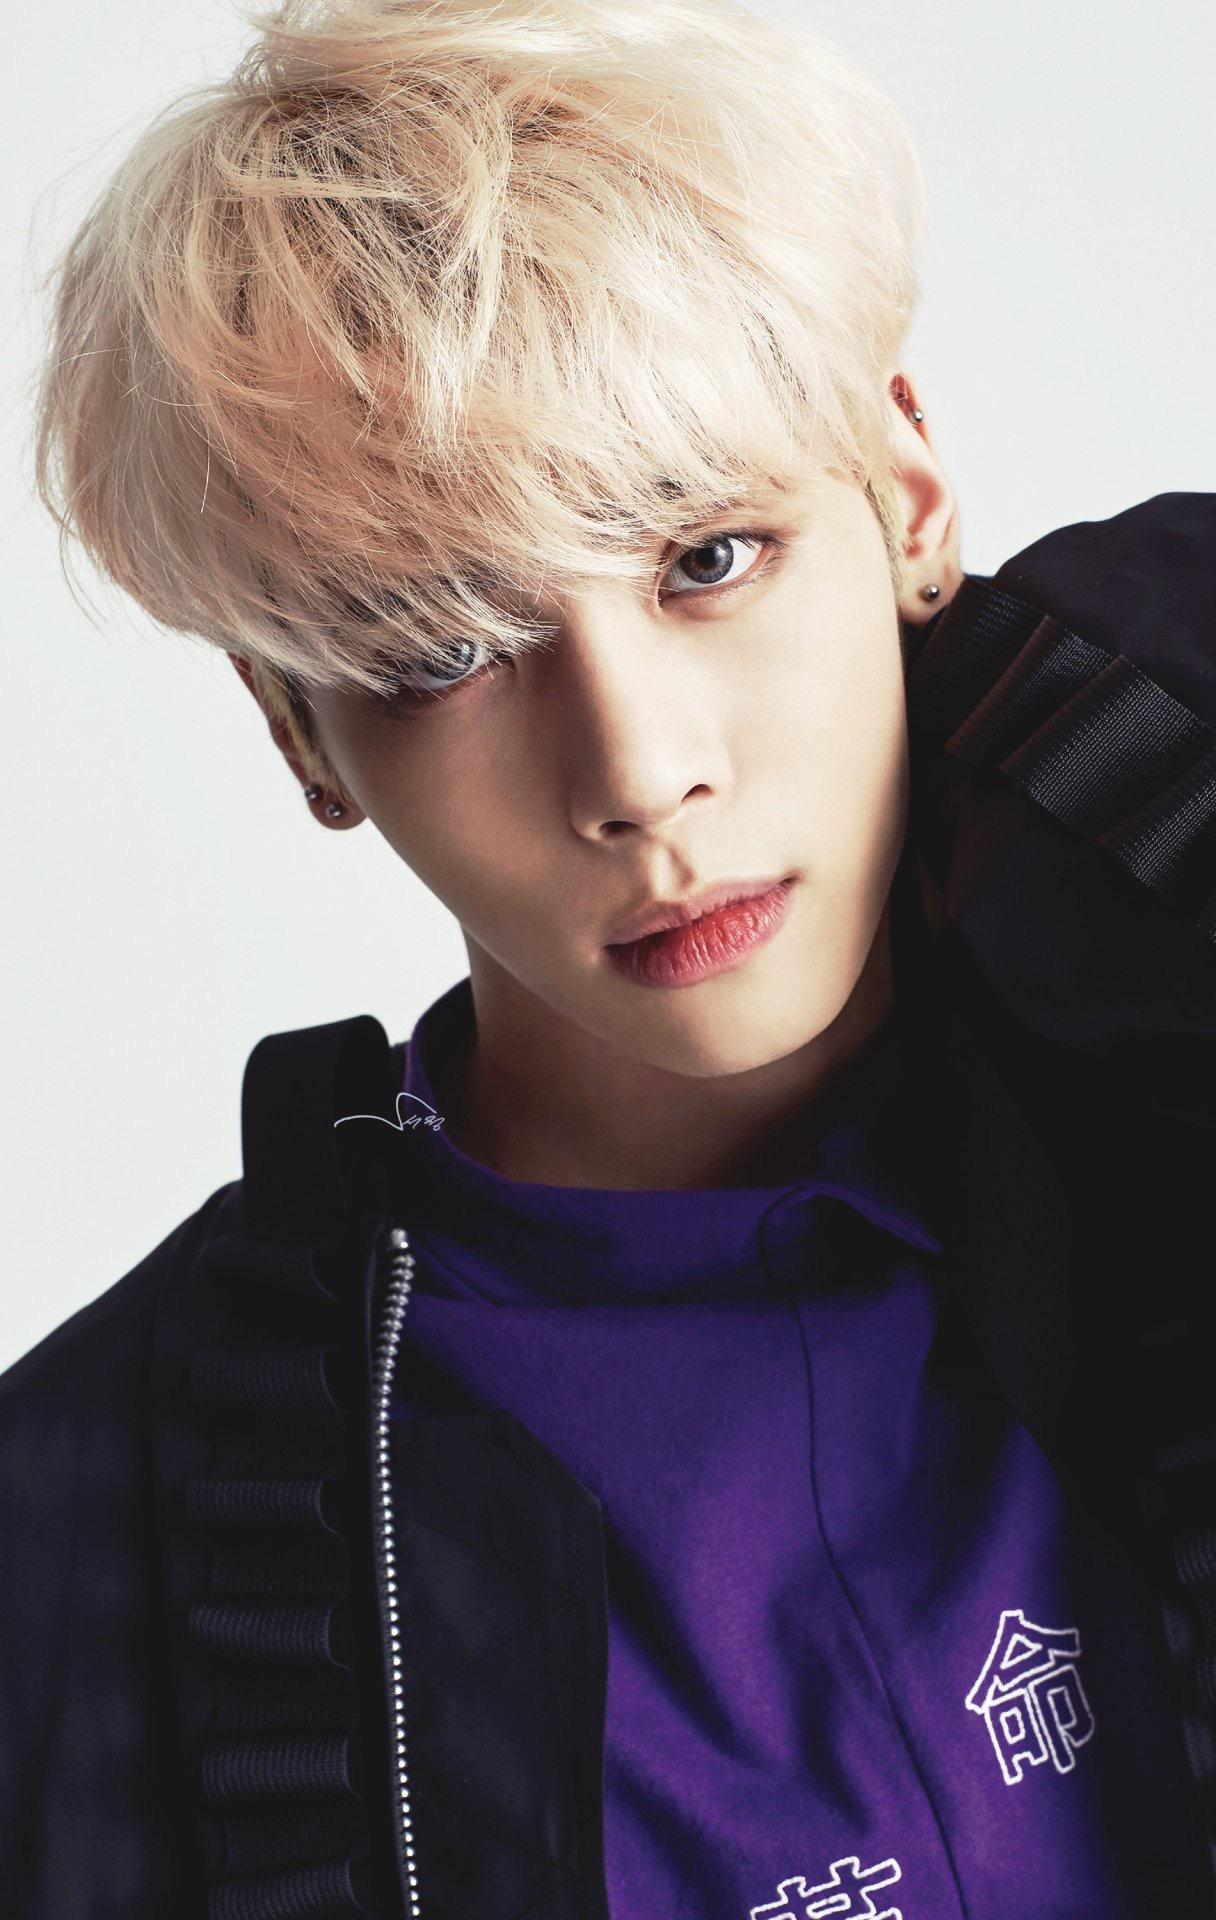 Jong Hyun